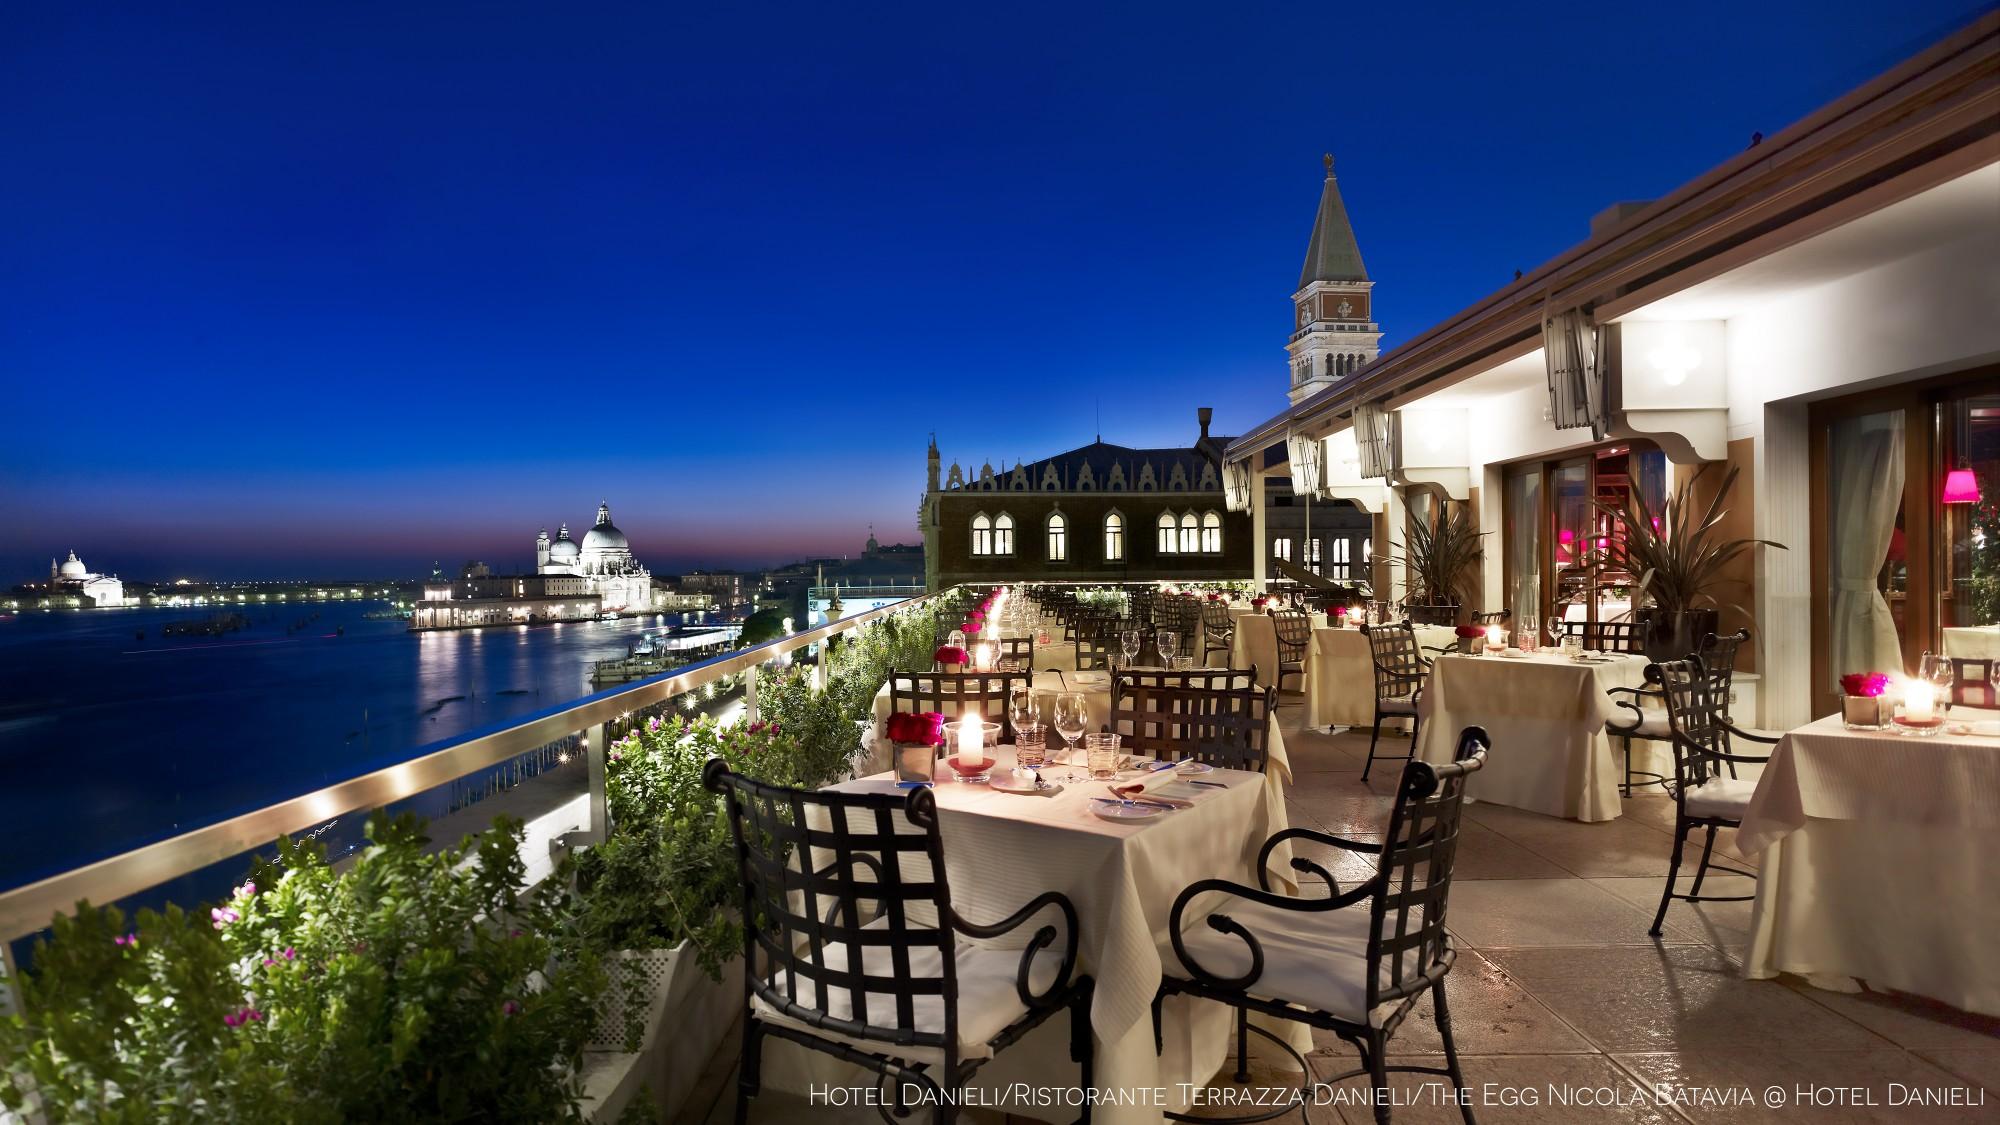 Emejing Ristorante Le Terrazze Trieste Ideas - House Design Ideas ...